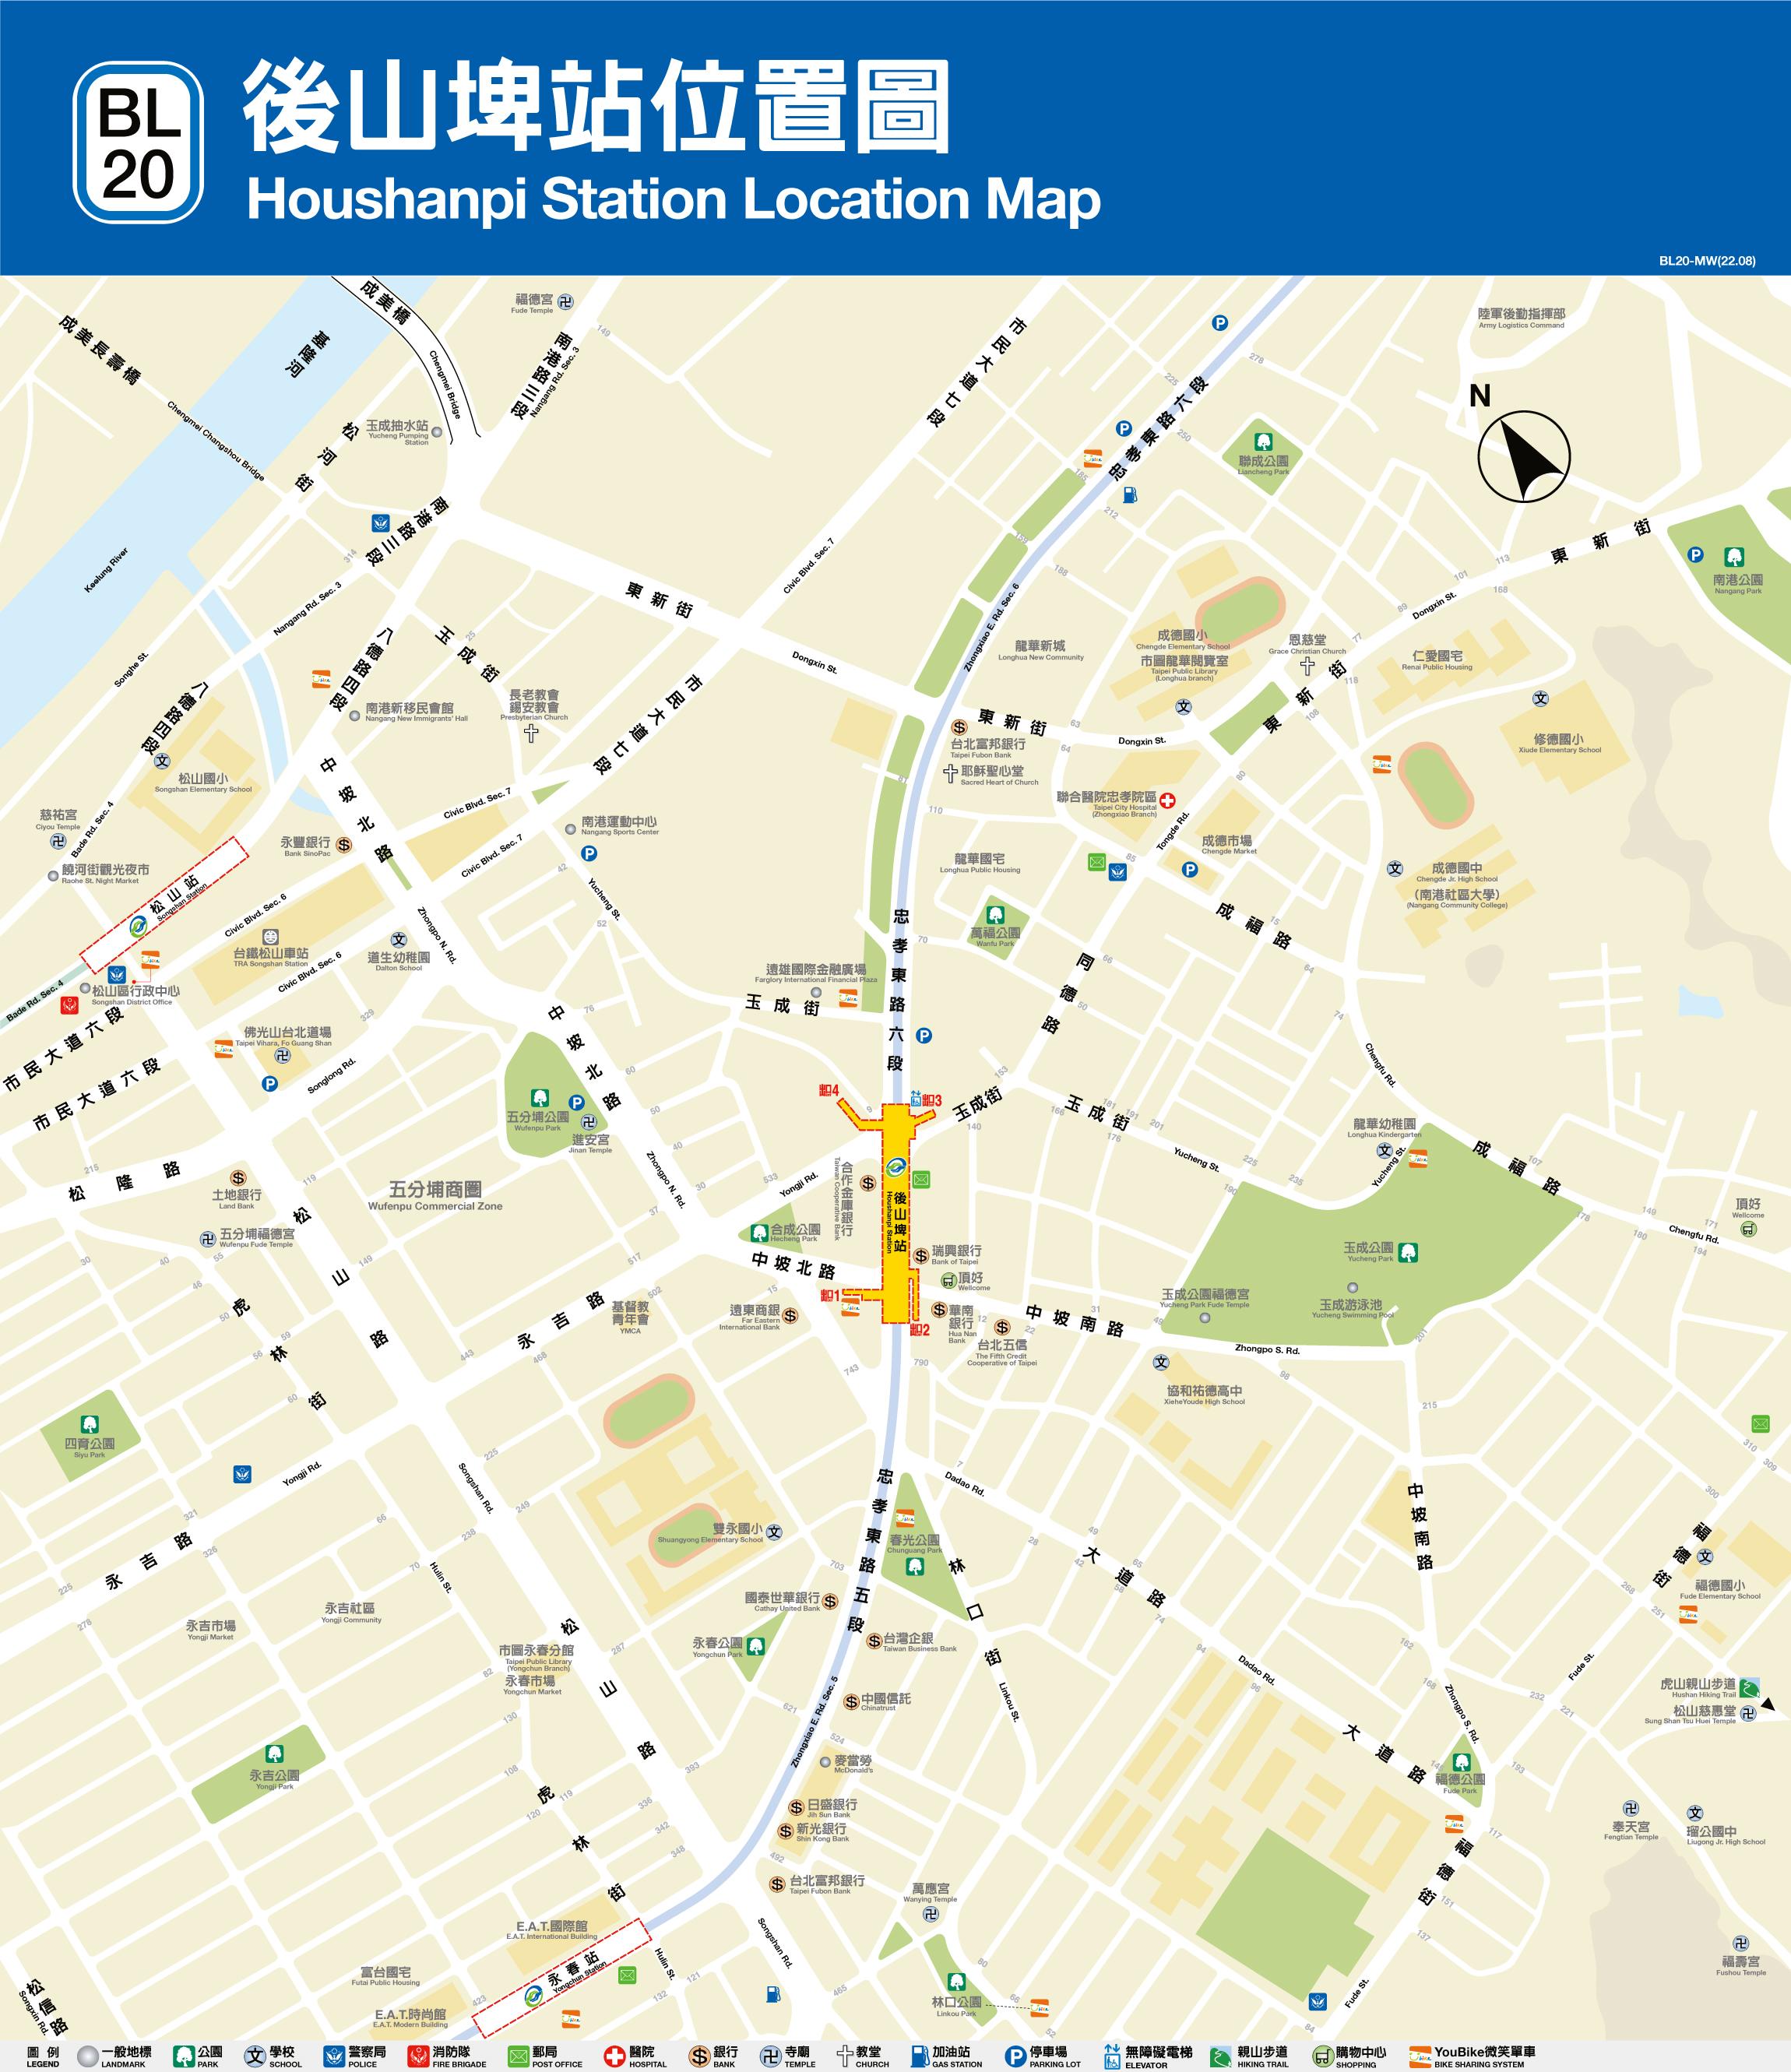 路網圖,各站資訊及時刻表